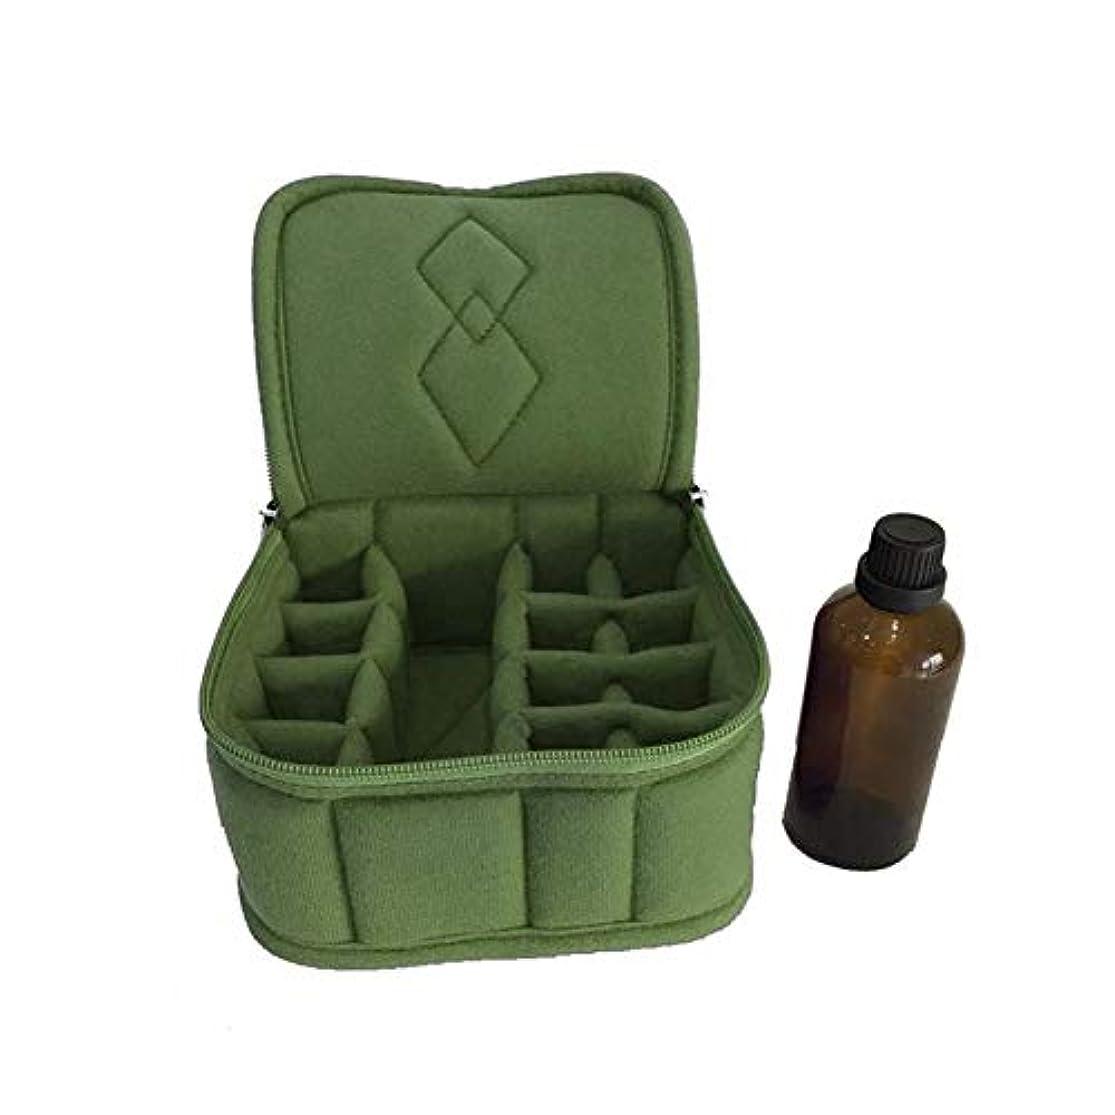 意識概要ワゴンPursue エッセンシャルオイル収納ケース アロマオイル収納ボックス アロマポーチ収納ケース 耐震 携帯便利 香水収納ポーチ 化粧ポーチ 12+1本用